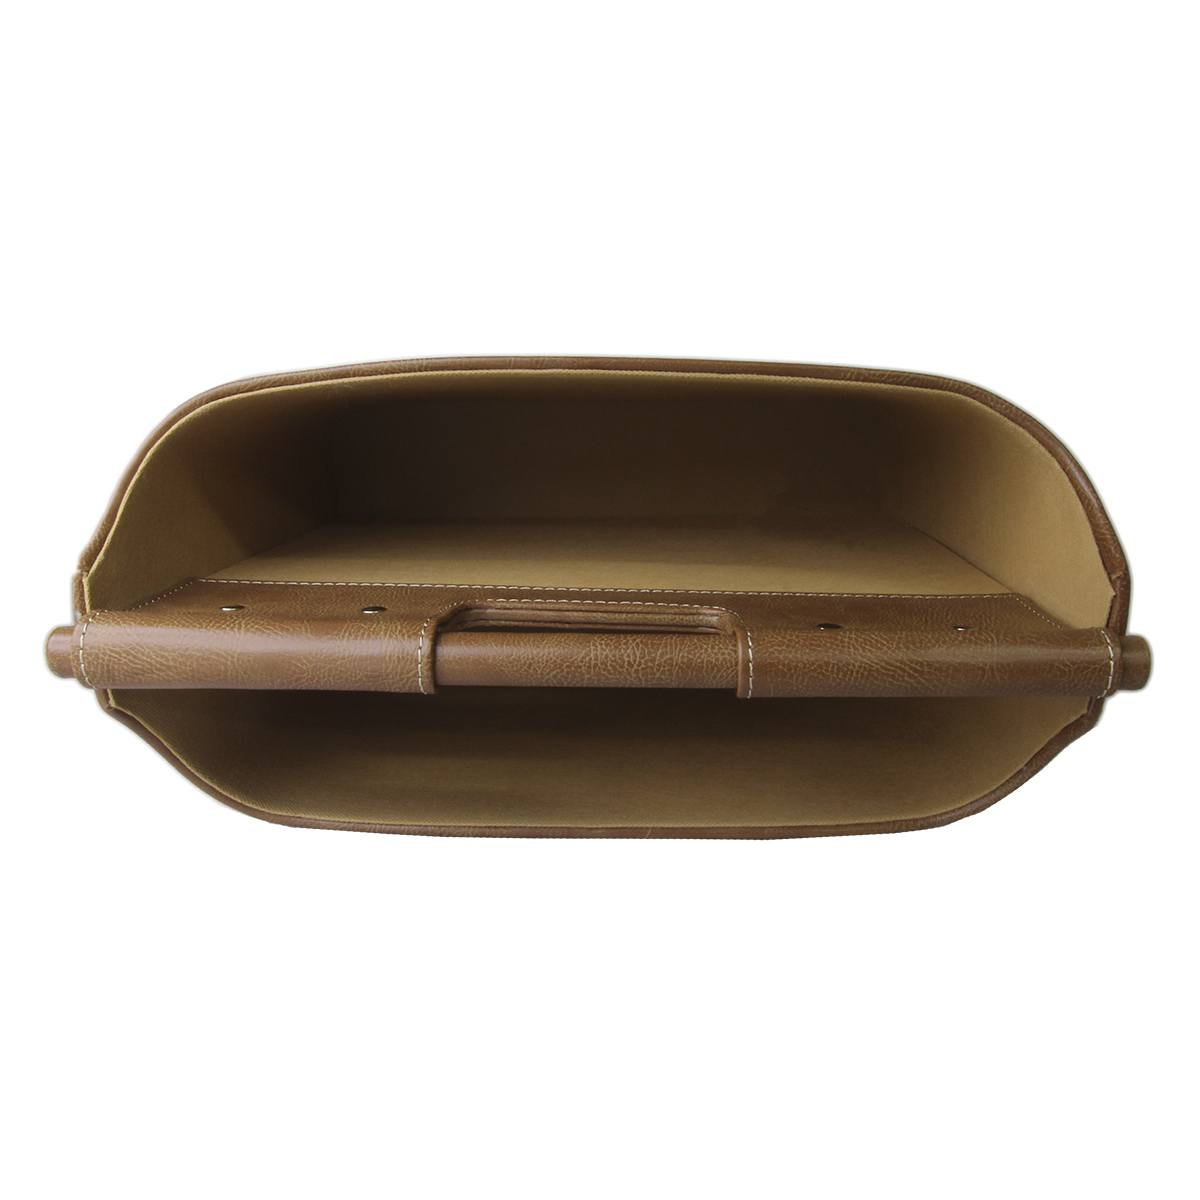 Revisteiro 2 compartimentos em couro marrom 36x28,5x17cm BTC